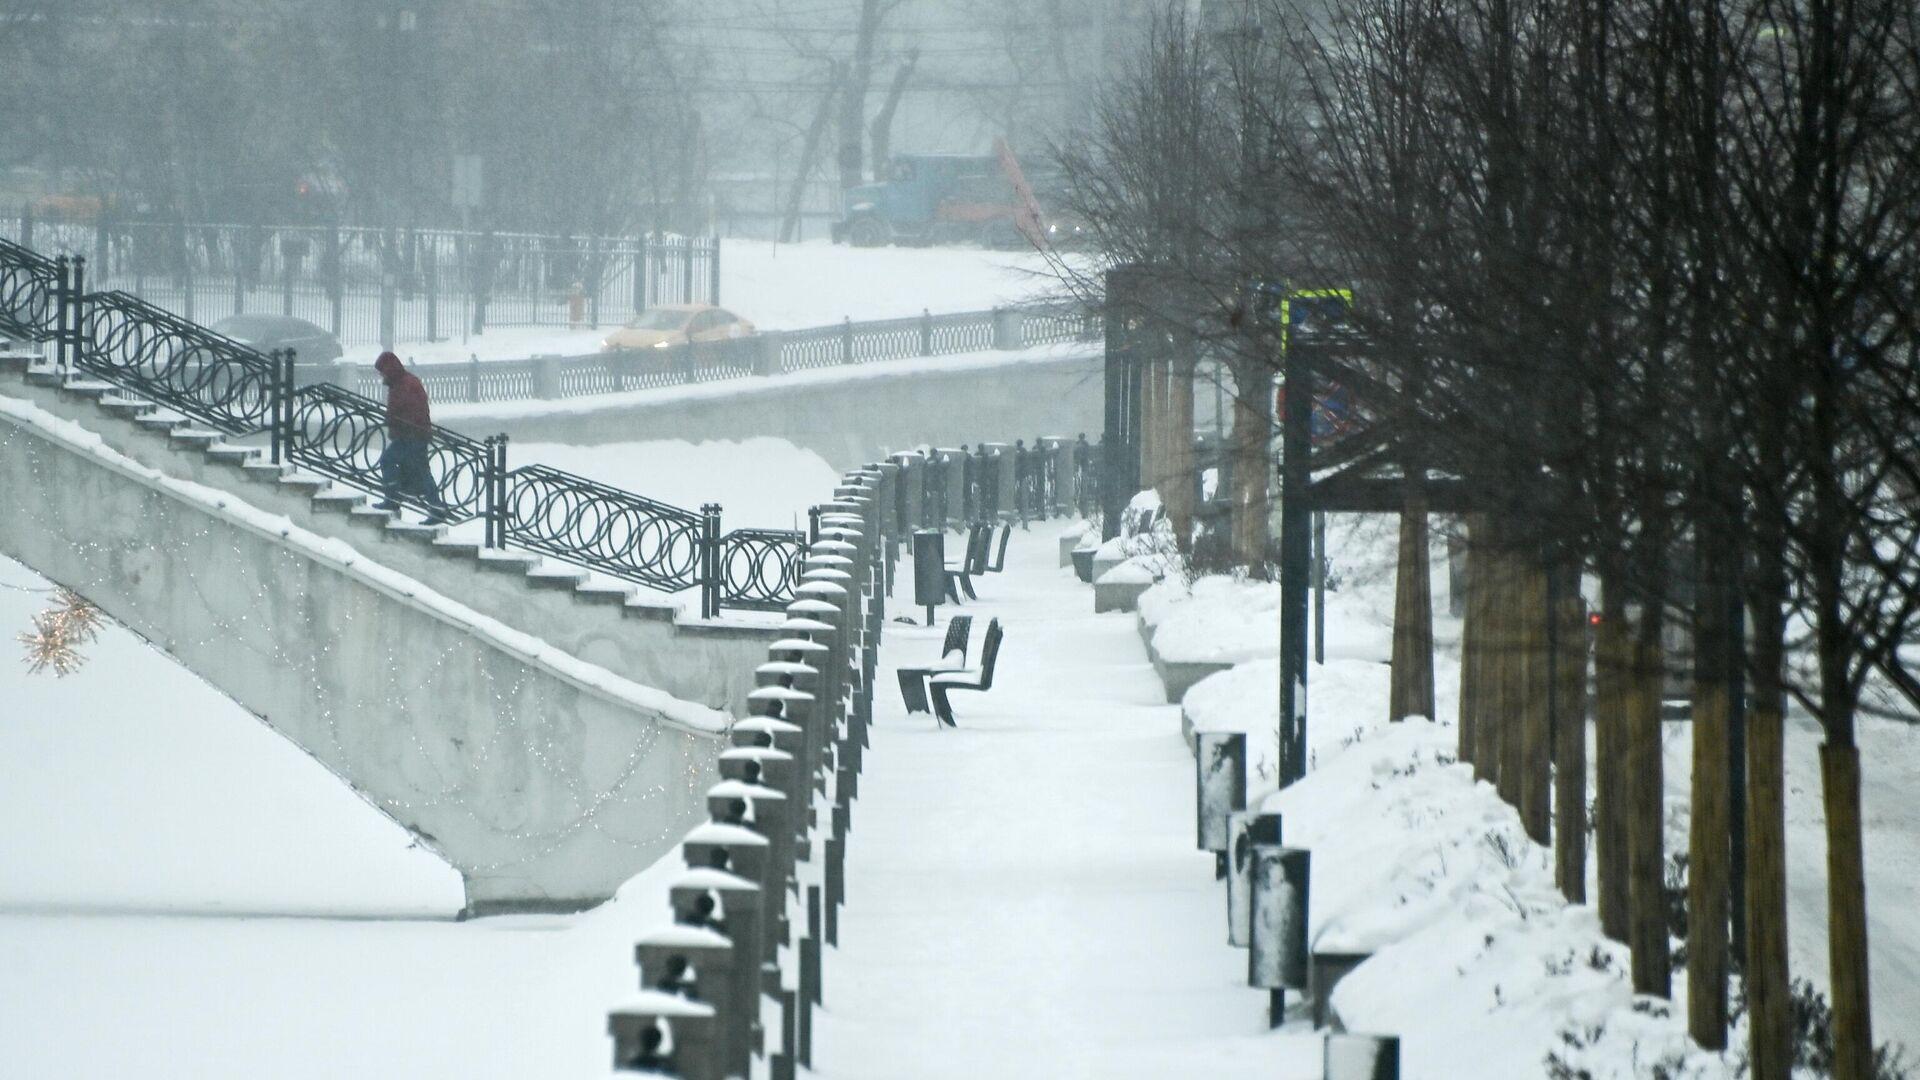 Набережная реки Яузы в Москве - РИА Новости, 1920, 16.01.2021